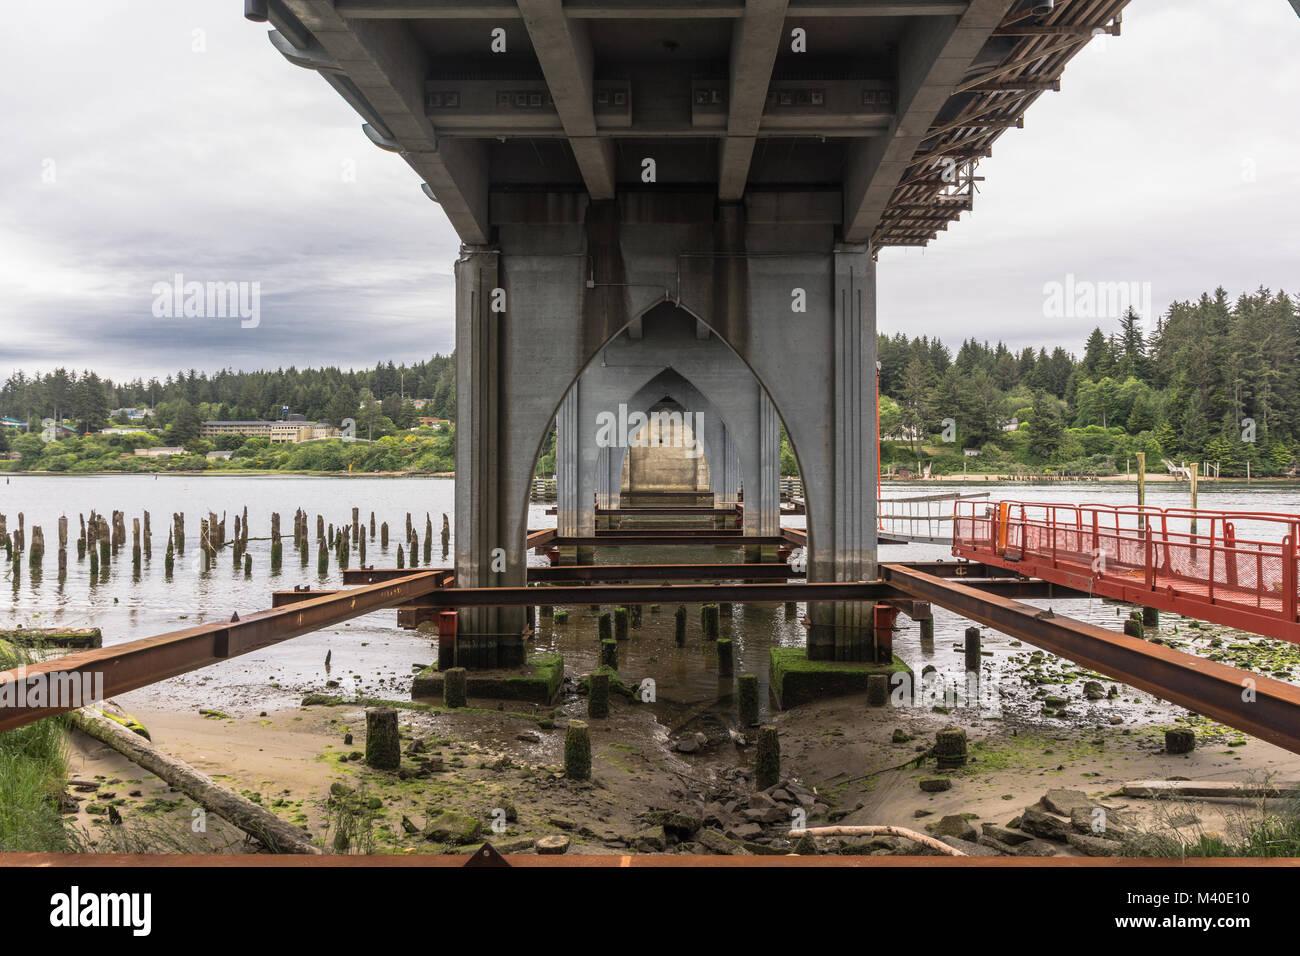 Florence, Oregon, USA - Juni 7, 2017: Die siuslaw River Bridge Blick von unten Stockbild